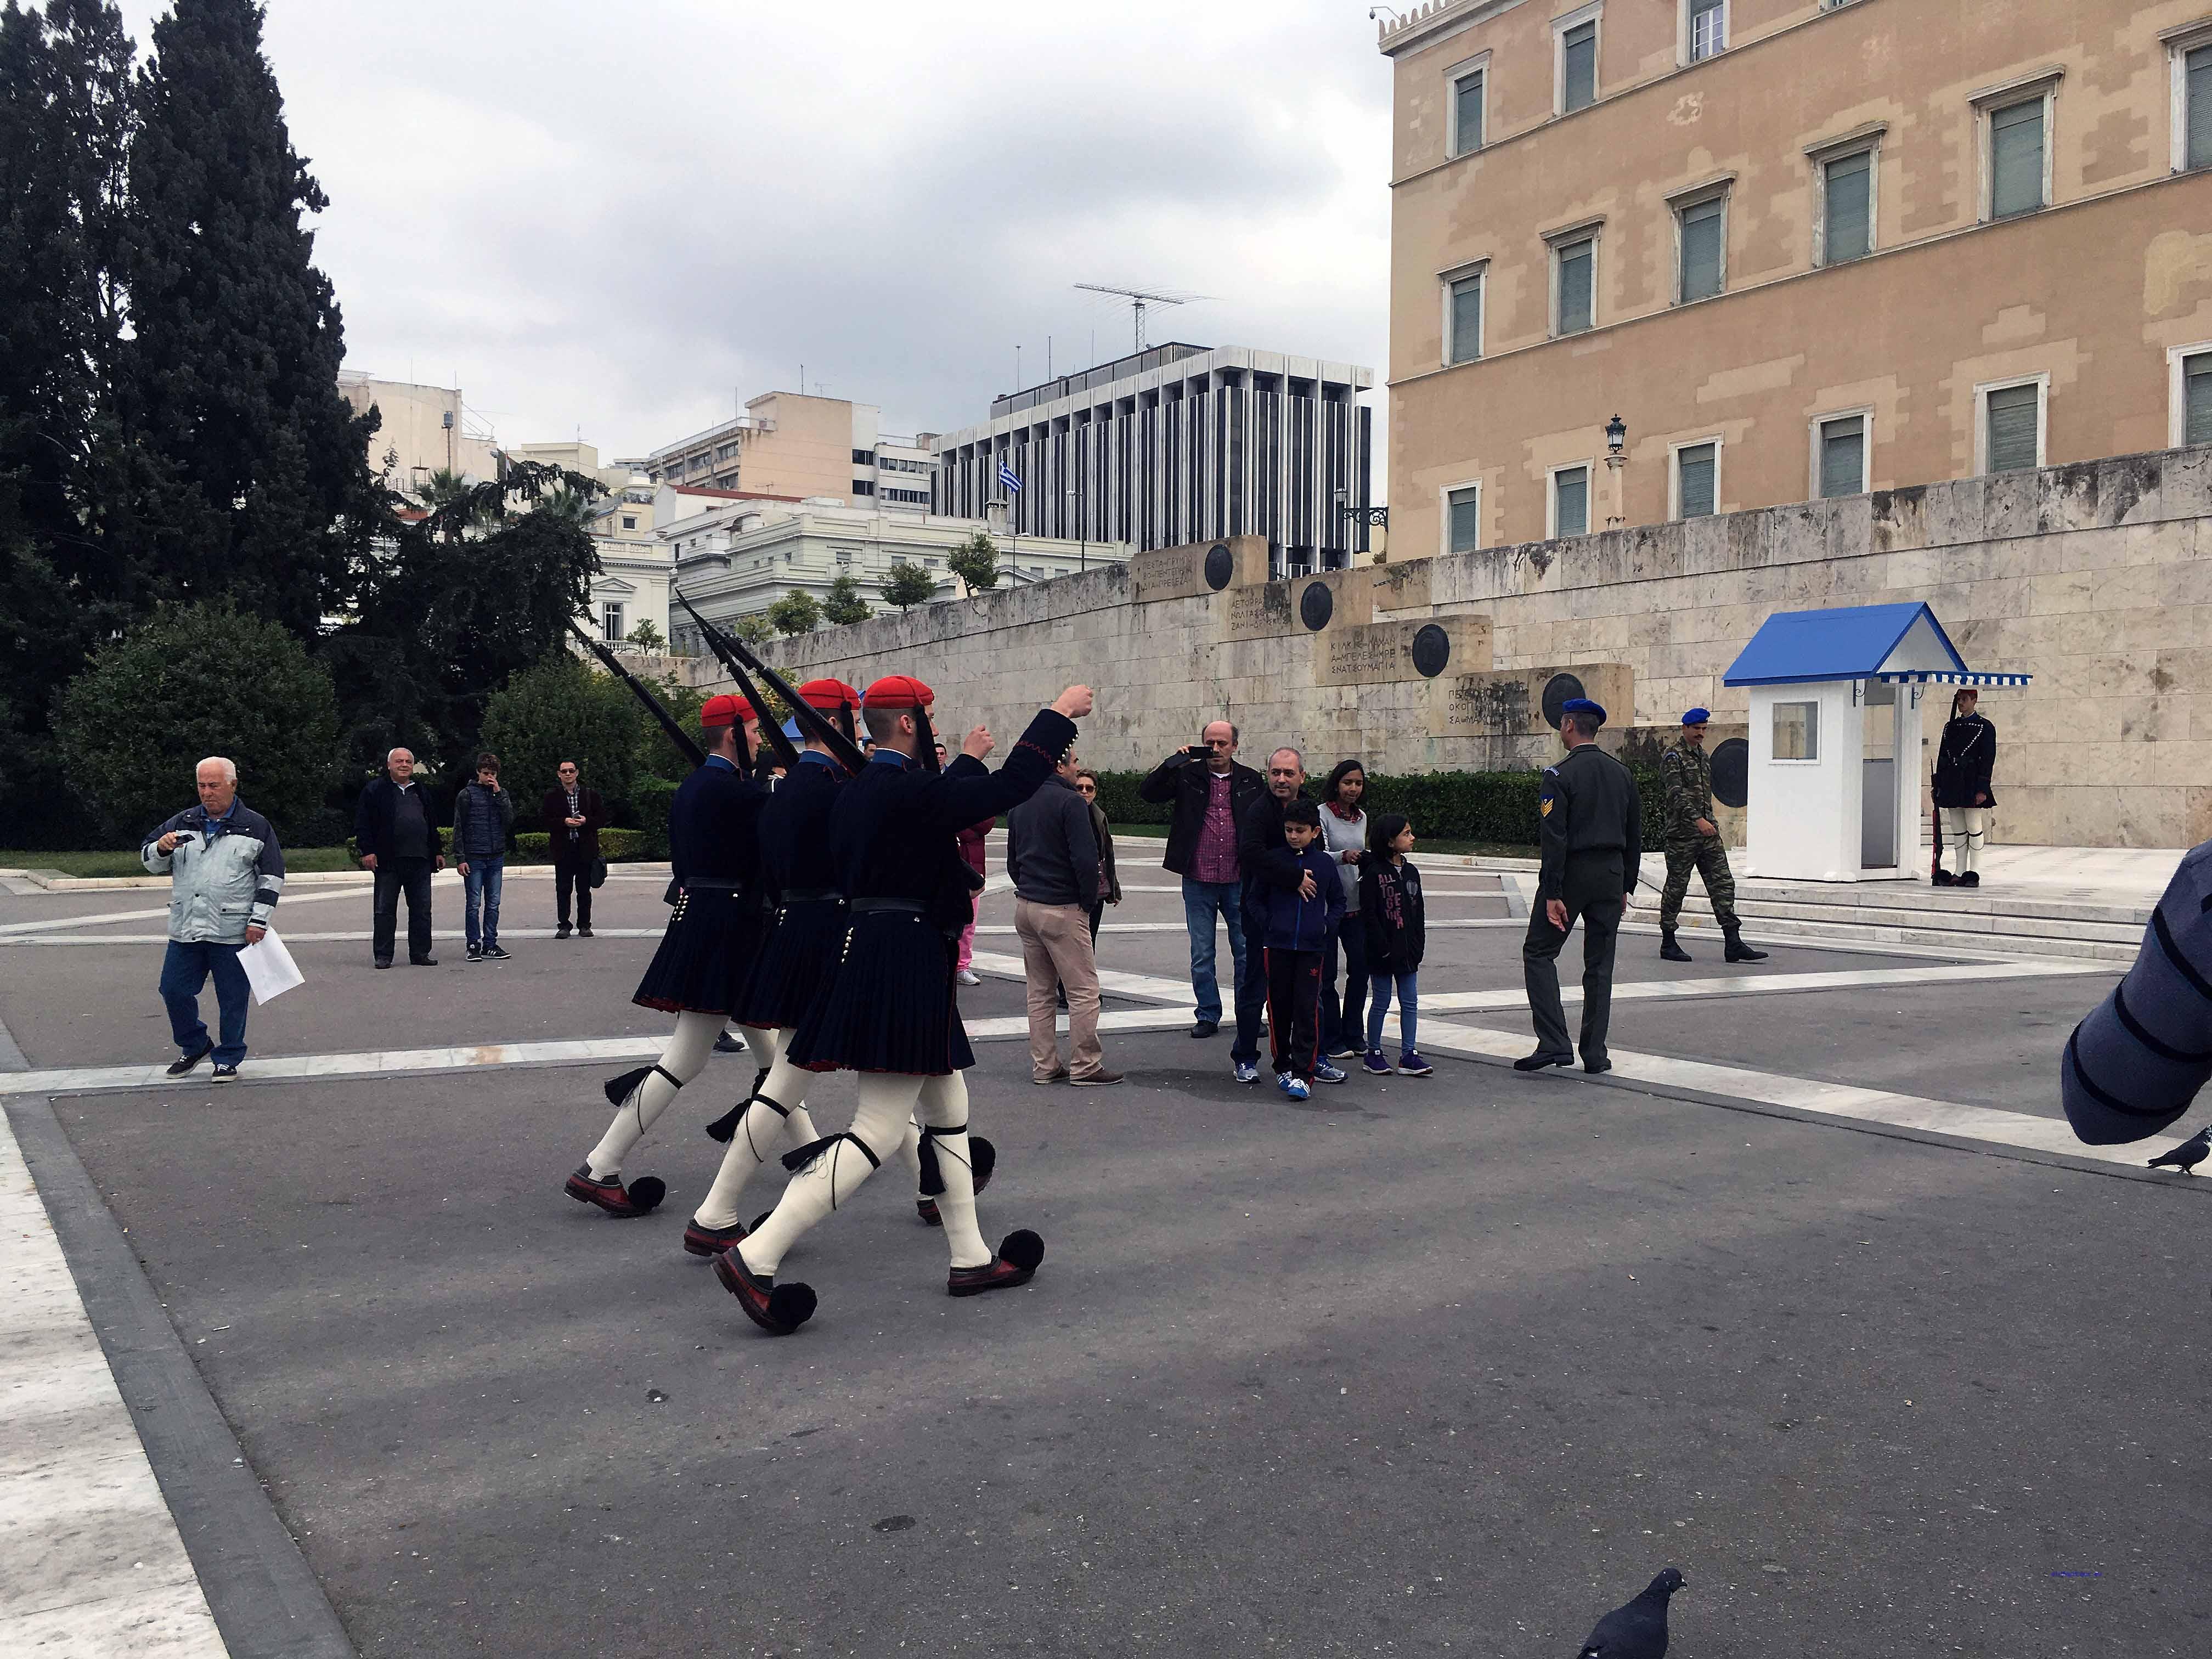 Sonntags um 11 Uhr findet vor dem Parlament auf dem Sintagma-Platz der Wachwechsel statt. Foto: D. Weirauch